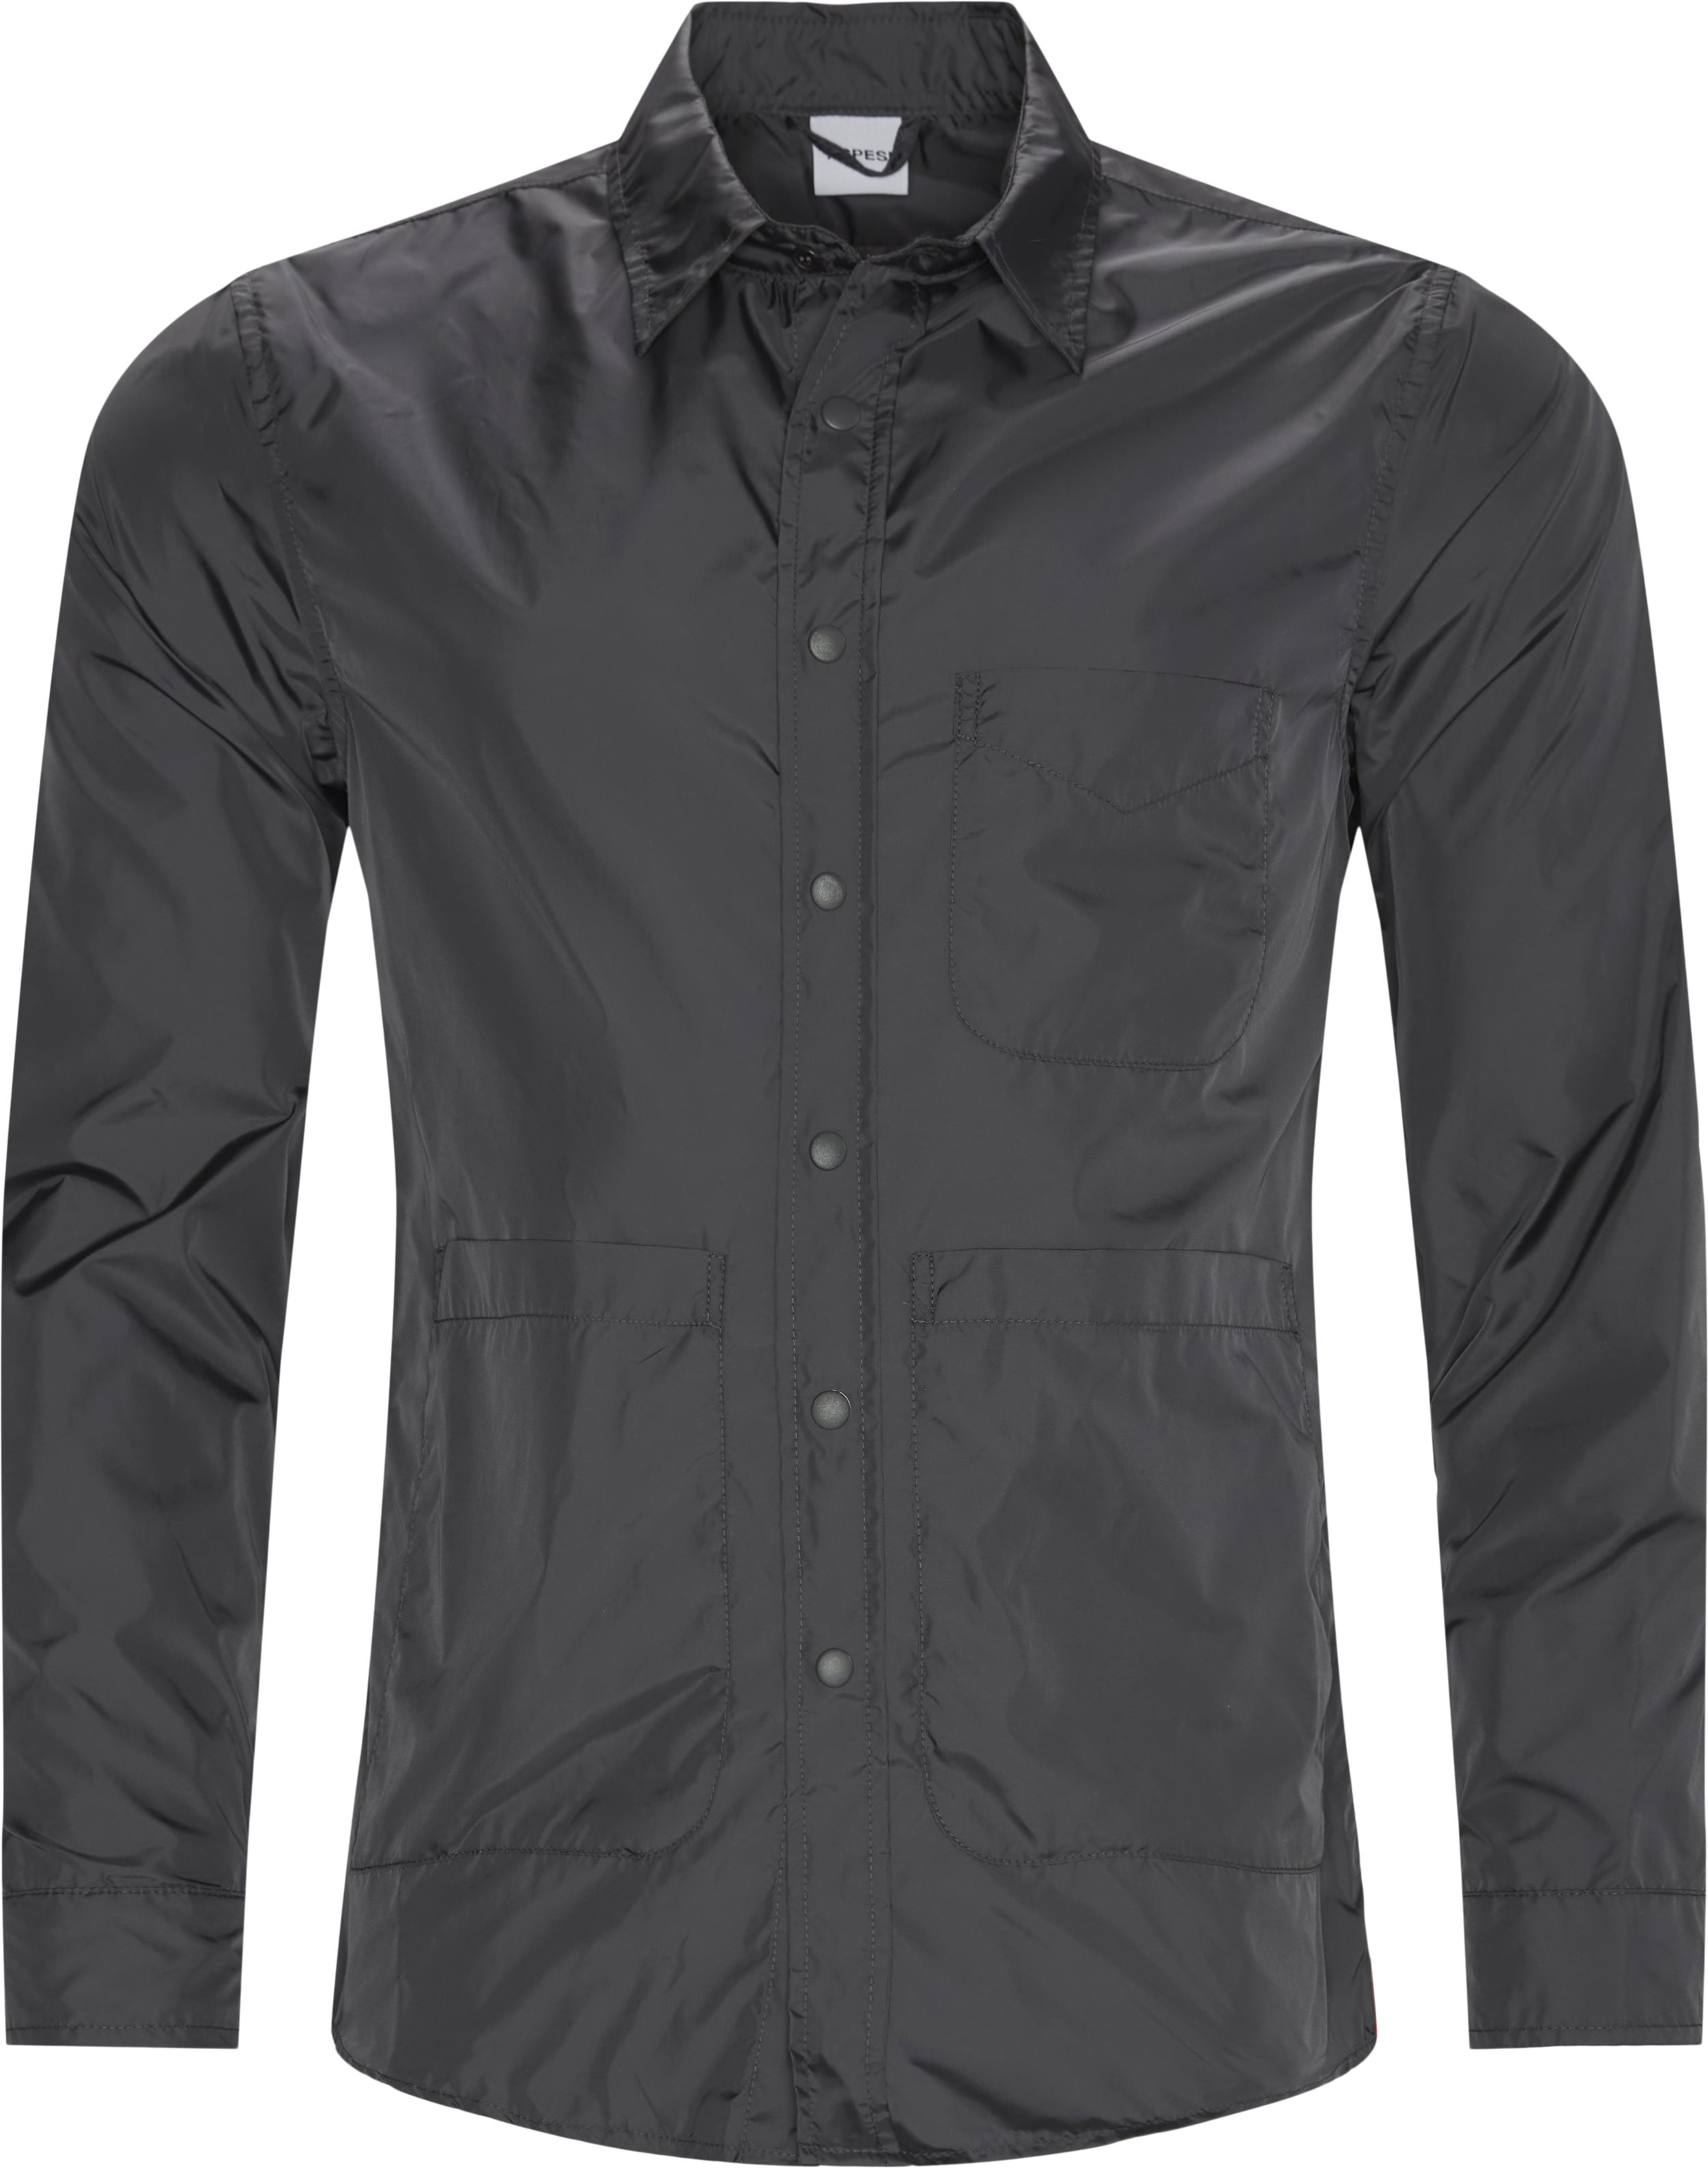 Nylon skjorte - Skjorter - Regular fit - Grå